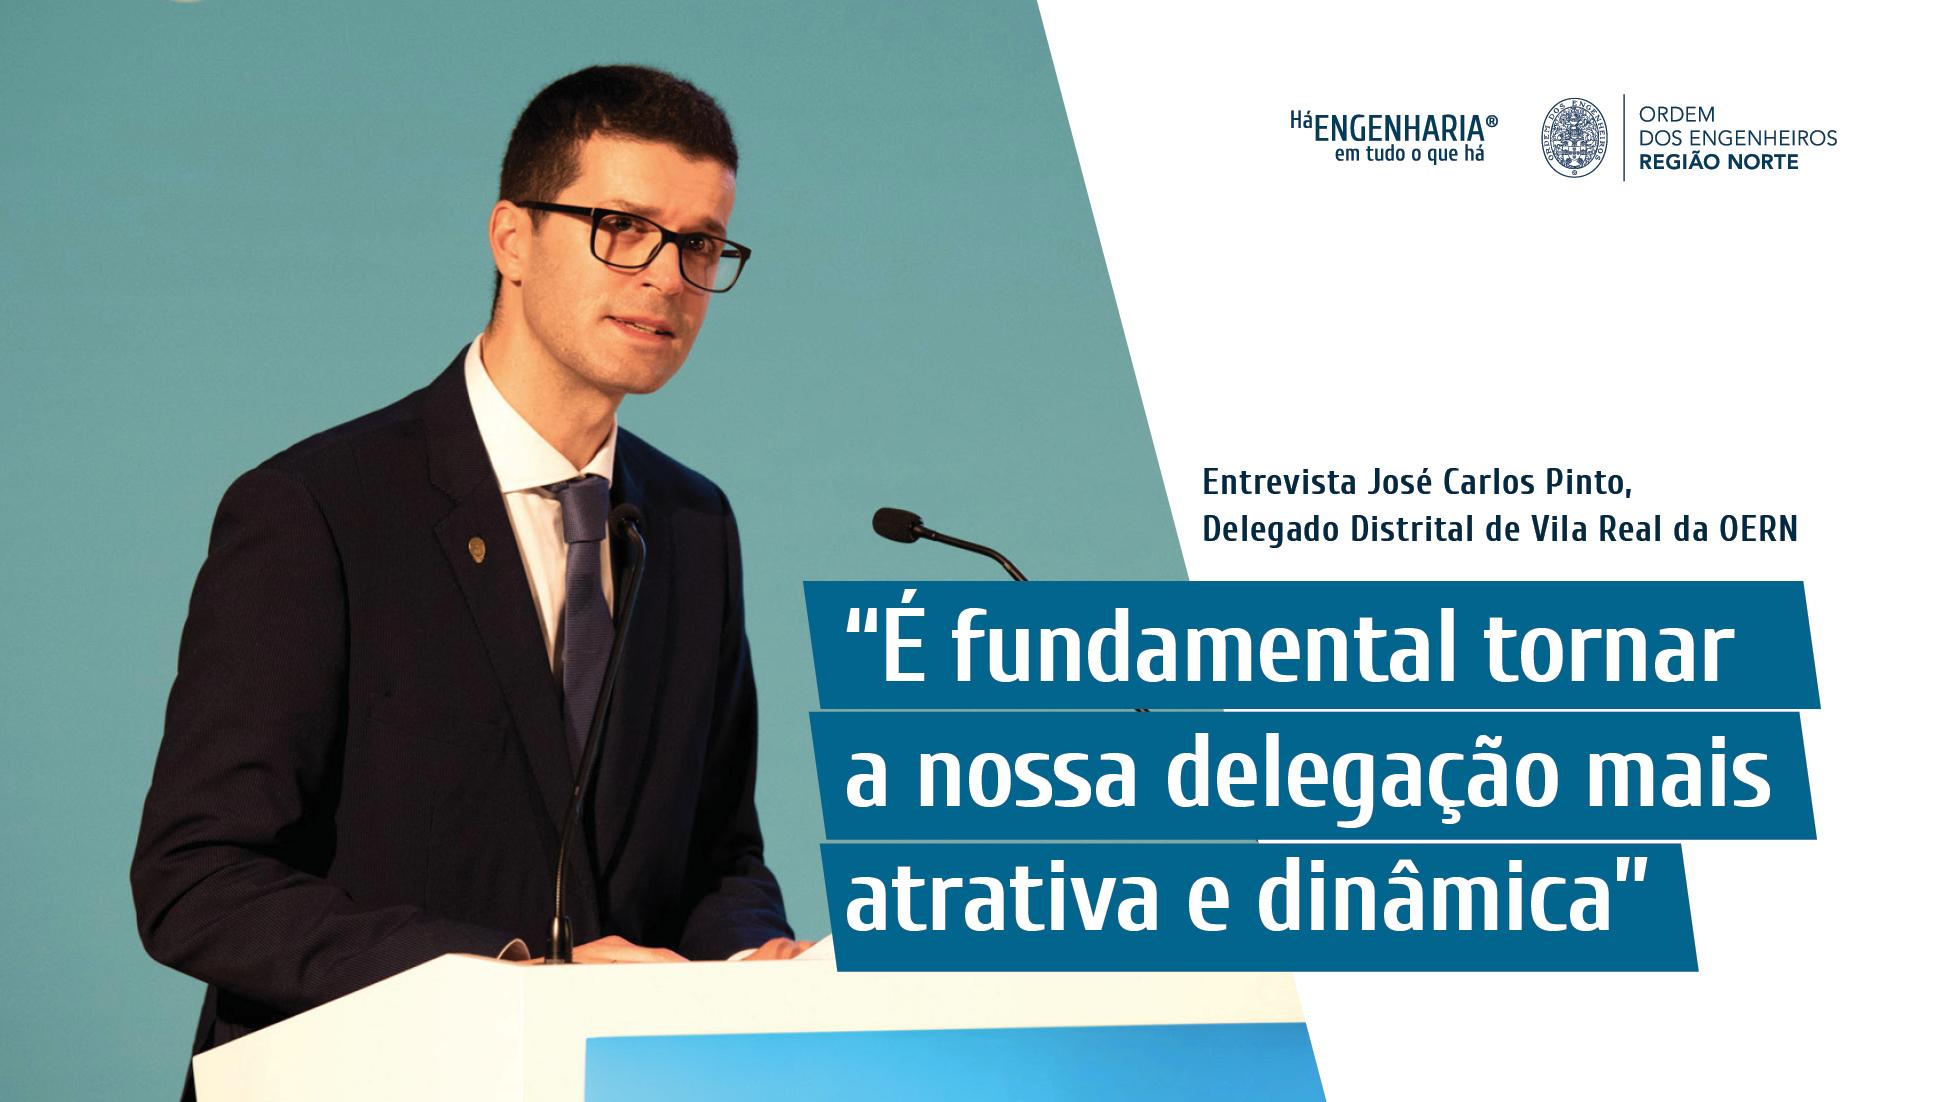 Plataforma Notícias Ordem Engenheiros Região Norte - Delegação de Vila Real cria Grupos Temáticos para dinamizar iniciativas